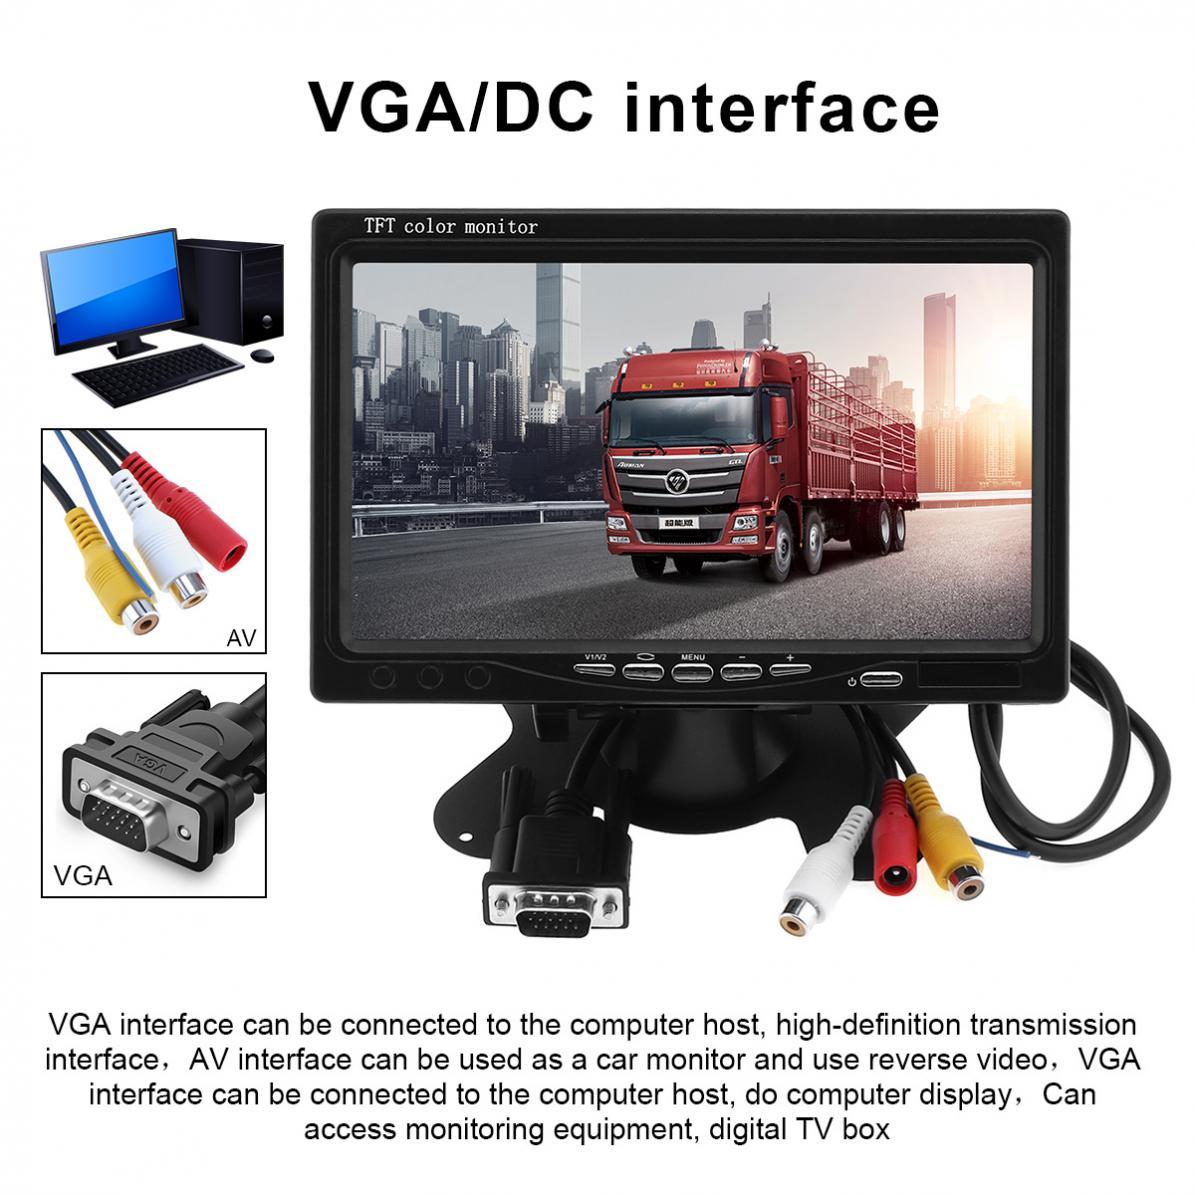 1024x600 7 дюймов Многофункциональный автомобиль Дома Монитор яркий Цвет VGA Интерфейс TFT ЖК-дисплей AV авто видео плеер